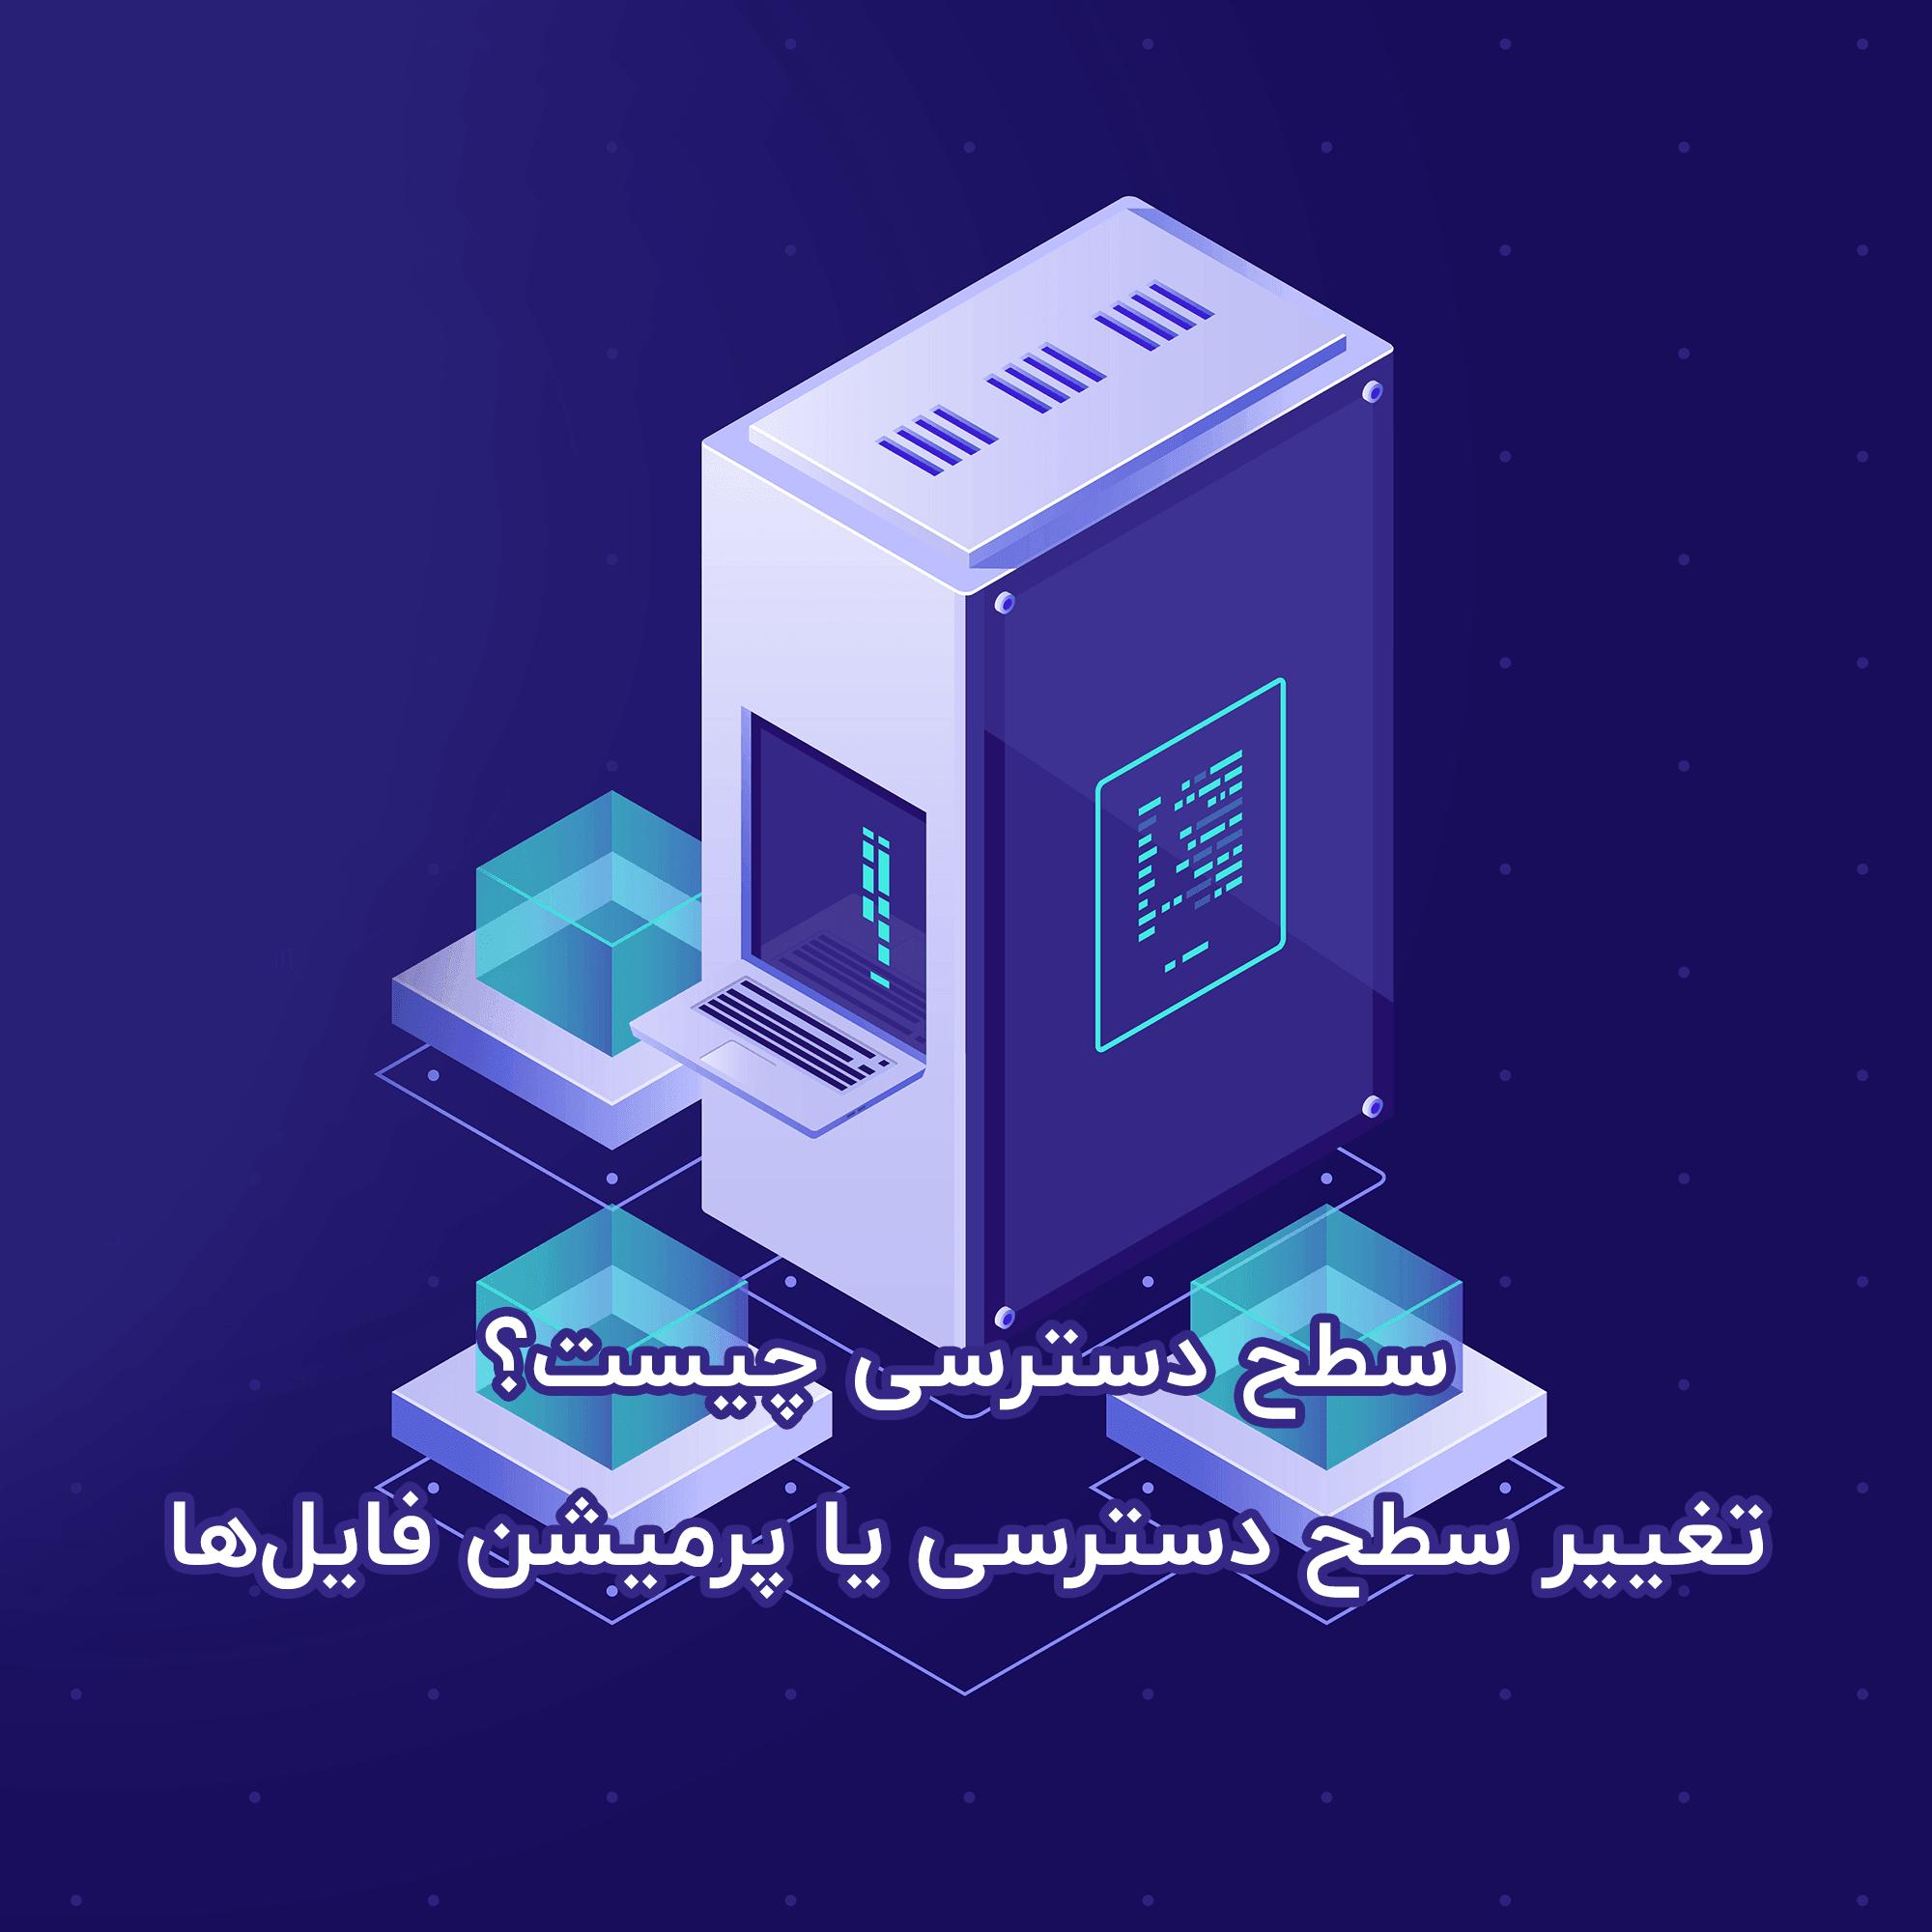 سطح دسترسی چیست؟ تغییر سطح دسترسی یا پرمیشن فایلها در وردپرس